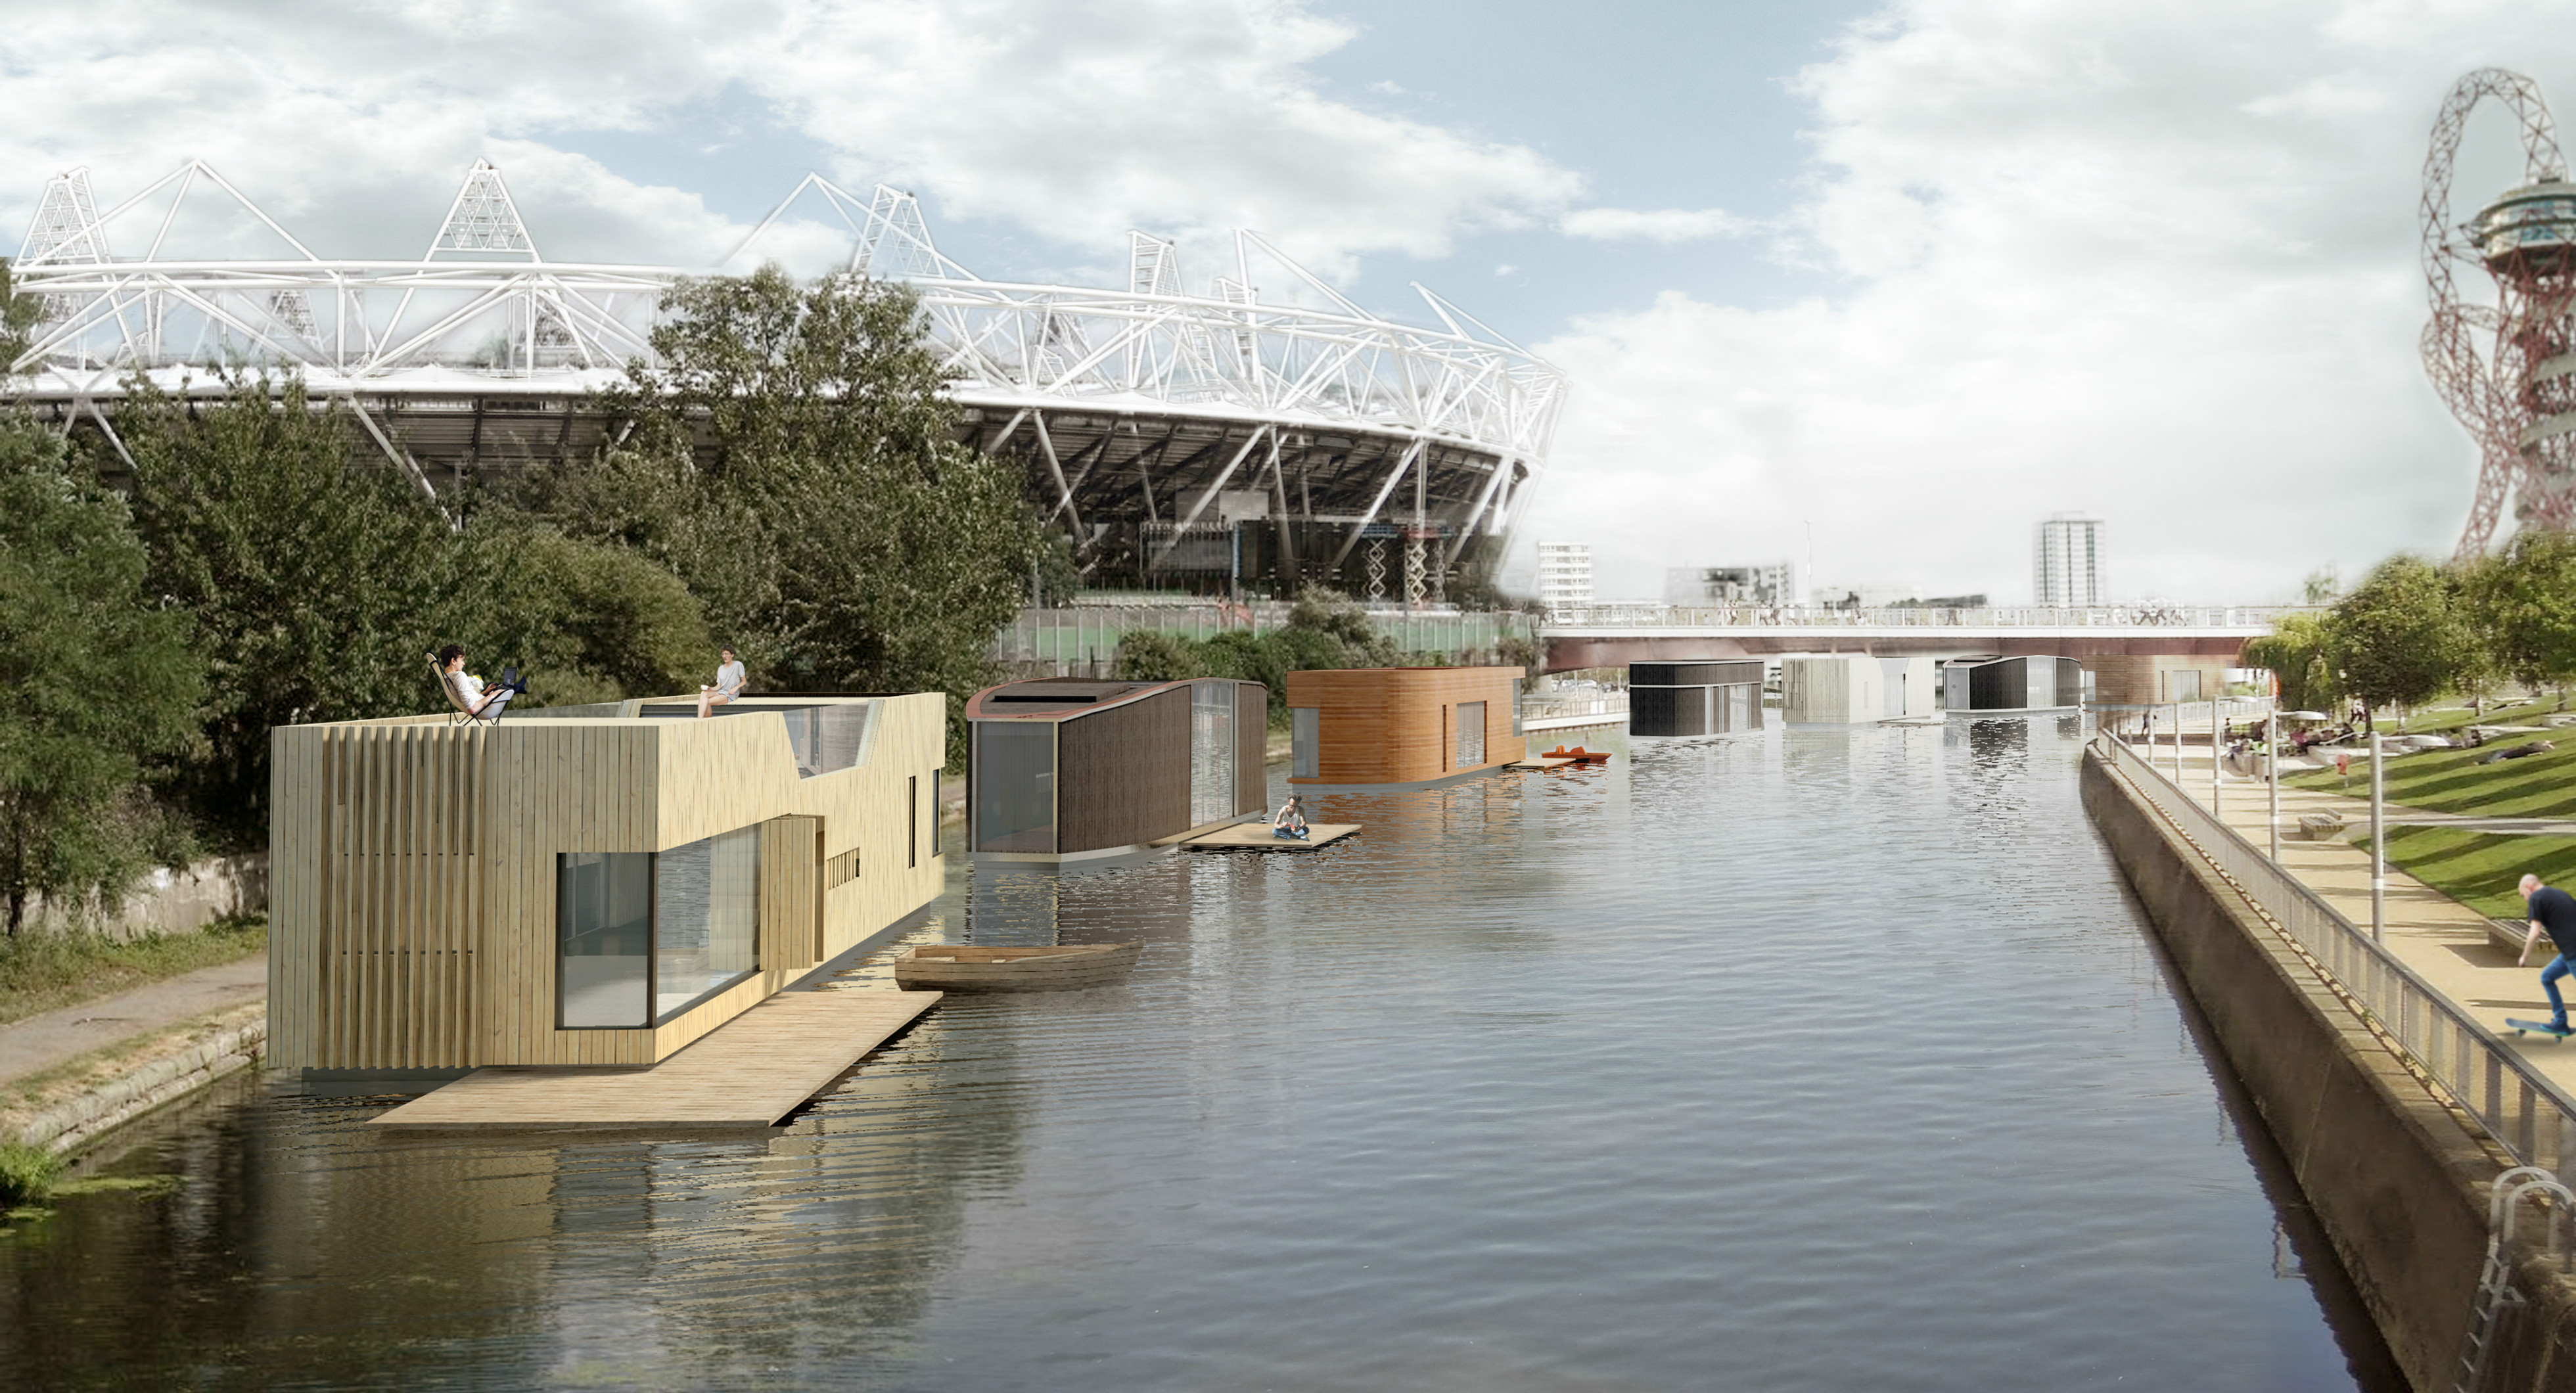 Construcciones flotantes